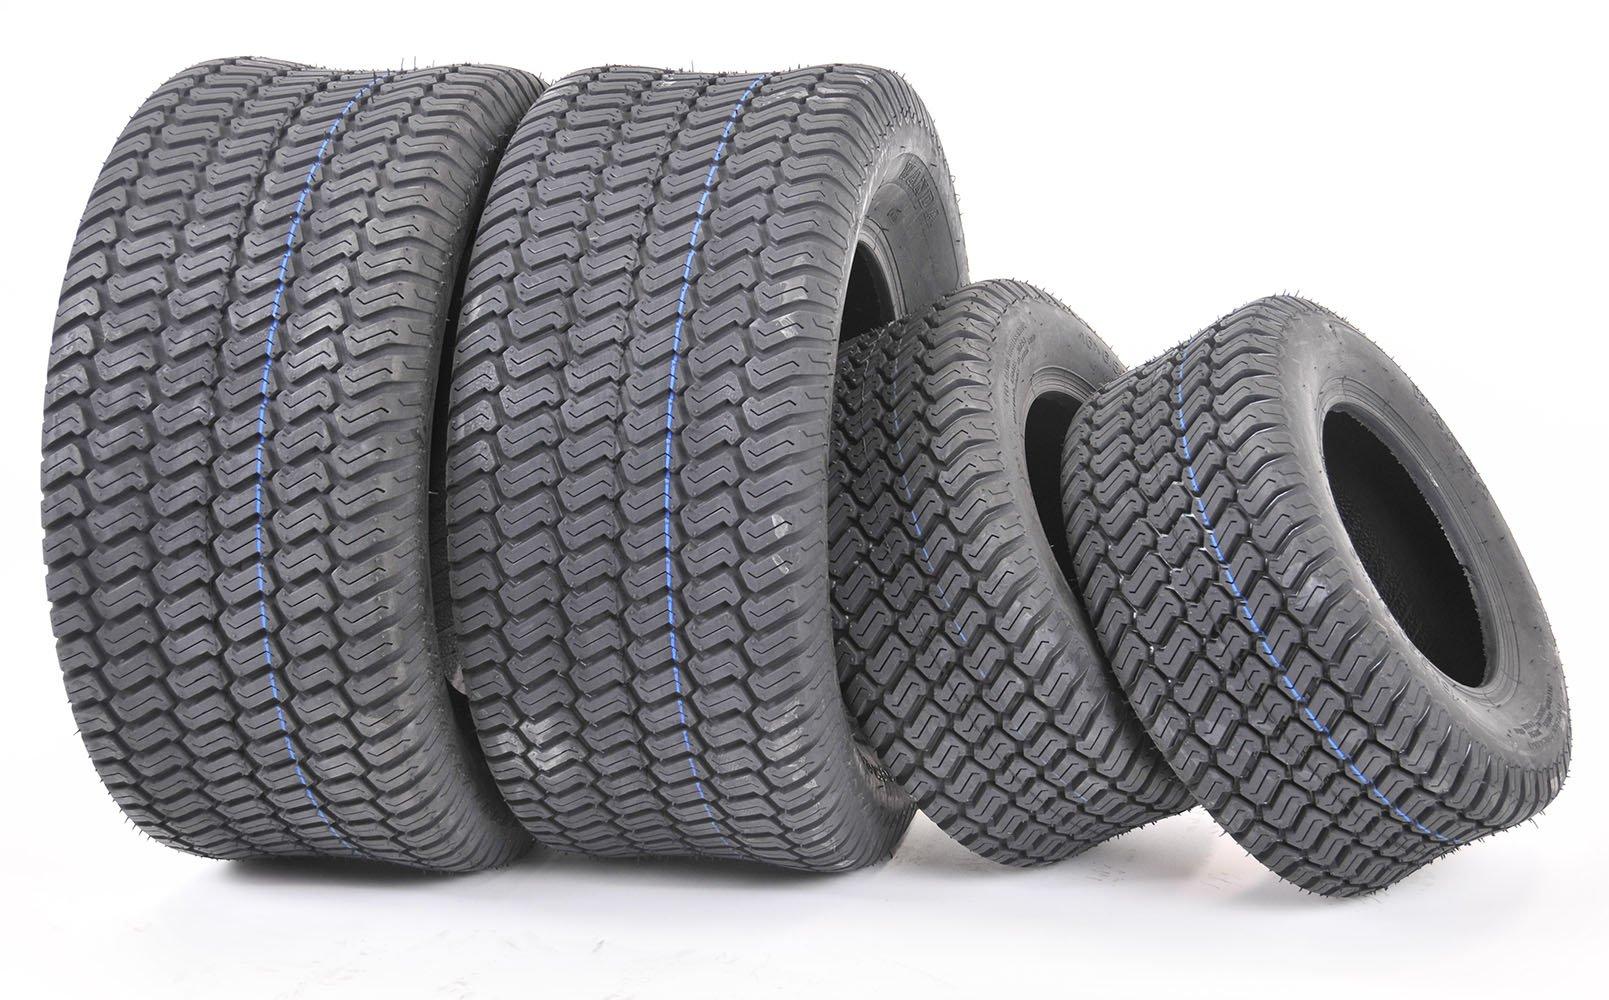 Wanda Set of 4 New Lawn Mower Turf Tires 15x6-6 Front & 20x10-8 Rear/4PR -13016/13040